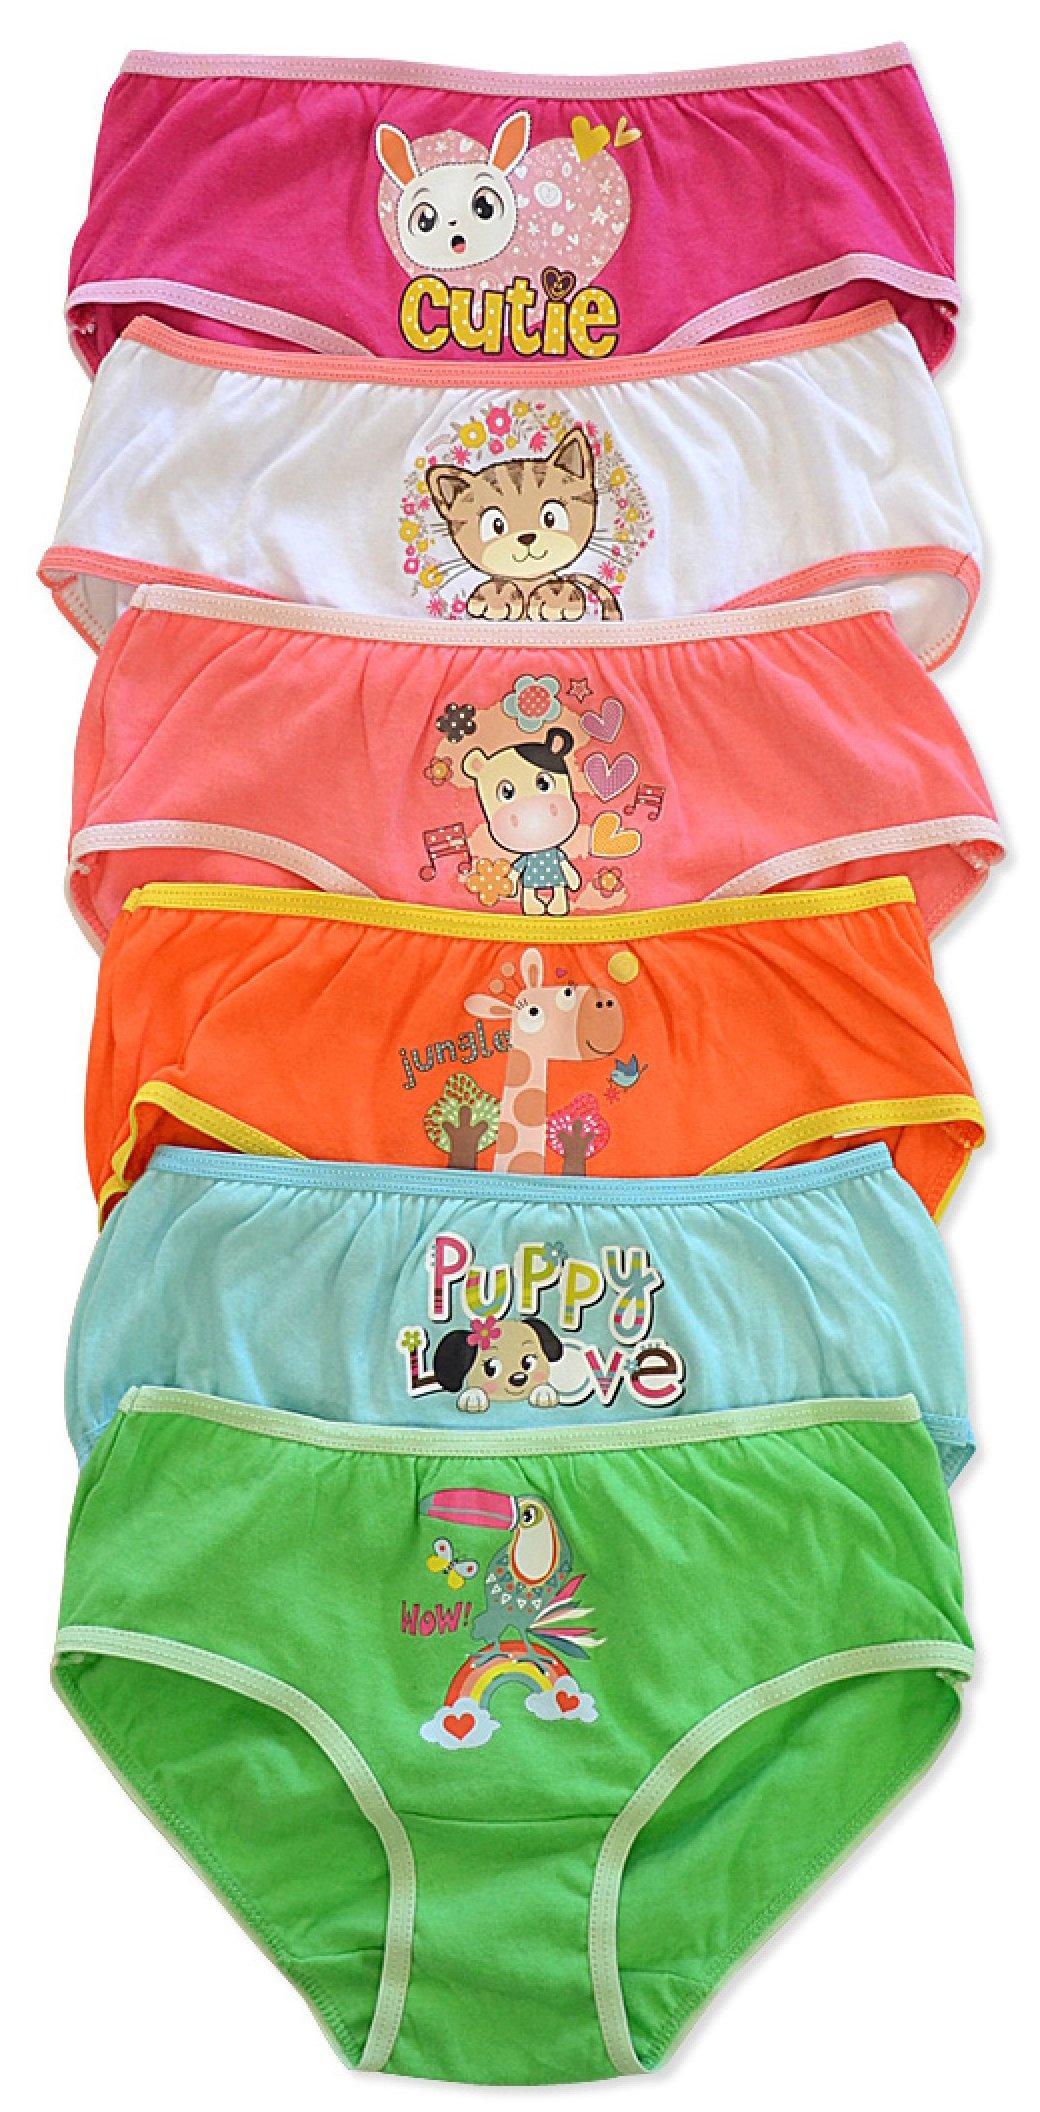 ToBeInStyle Girls' Pack of 6 Cutie Animal Love Print Cotton Briefs - S